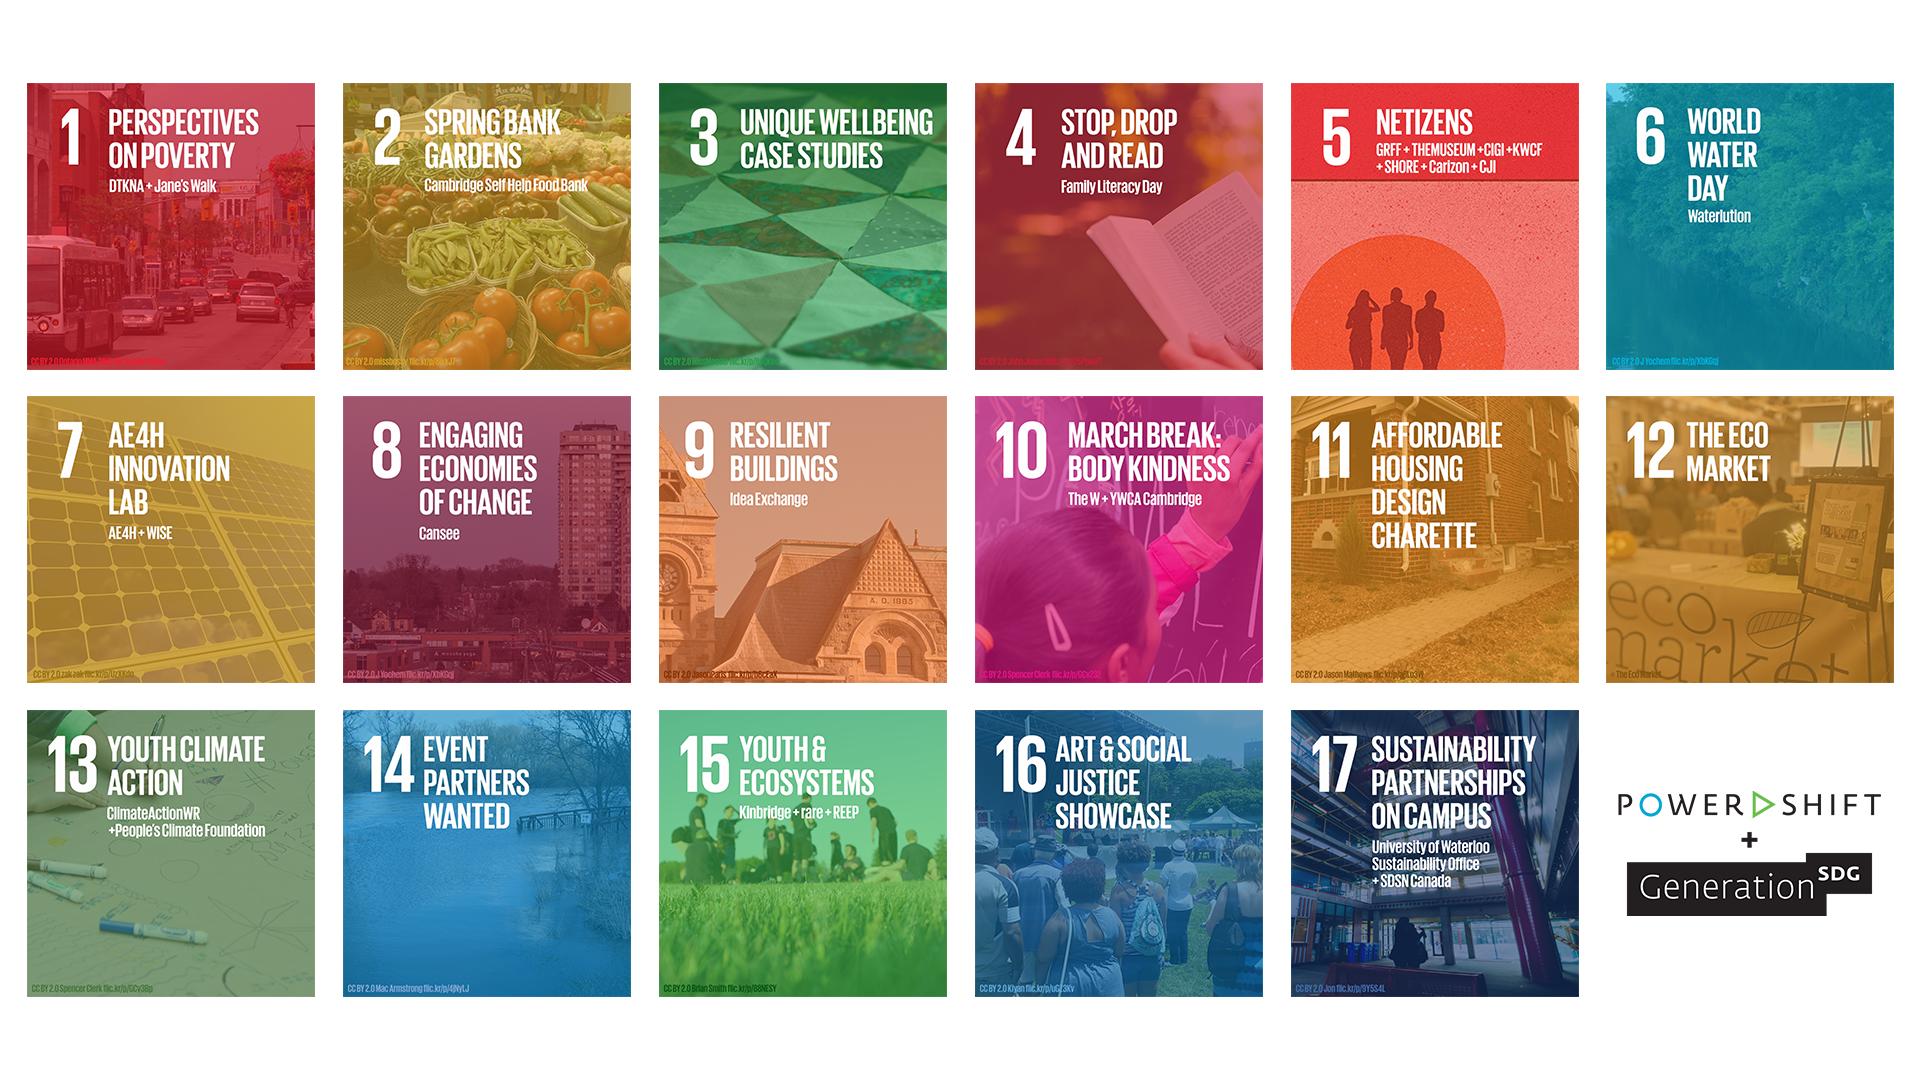 SDG-FLIPS-PS2019.png